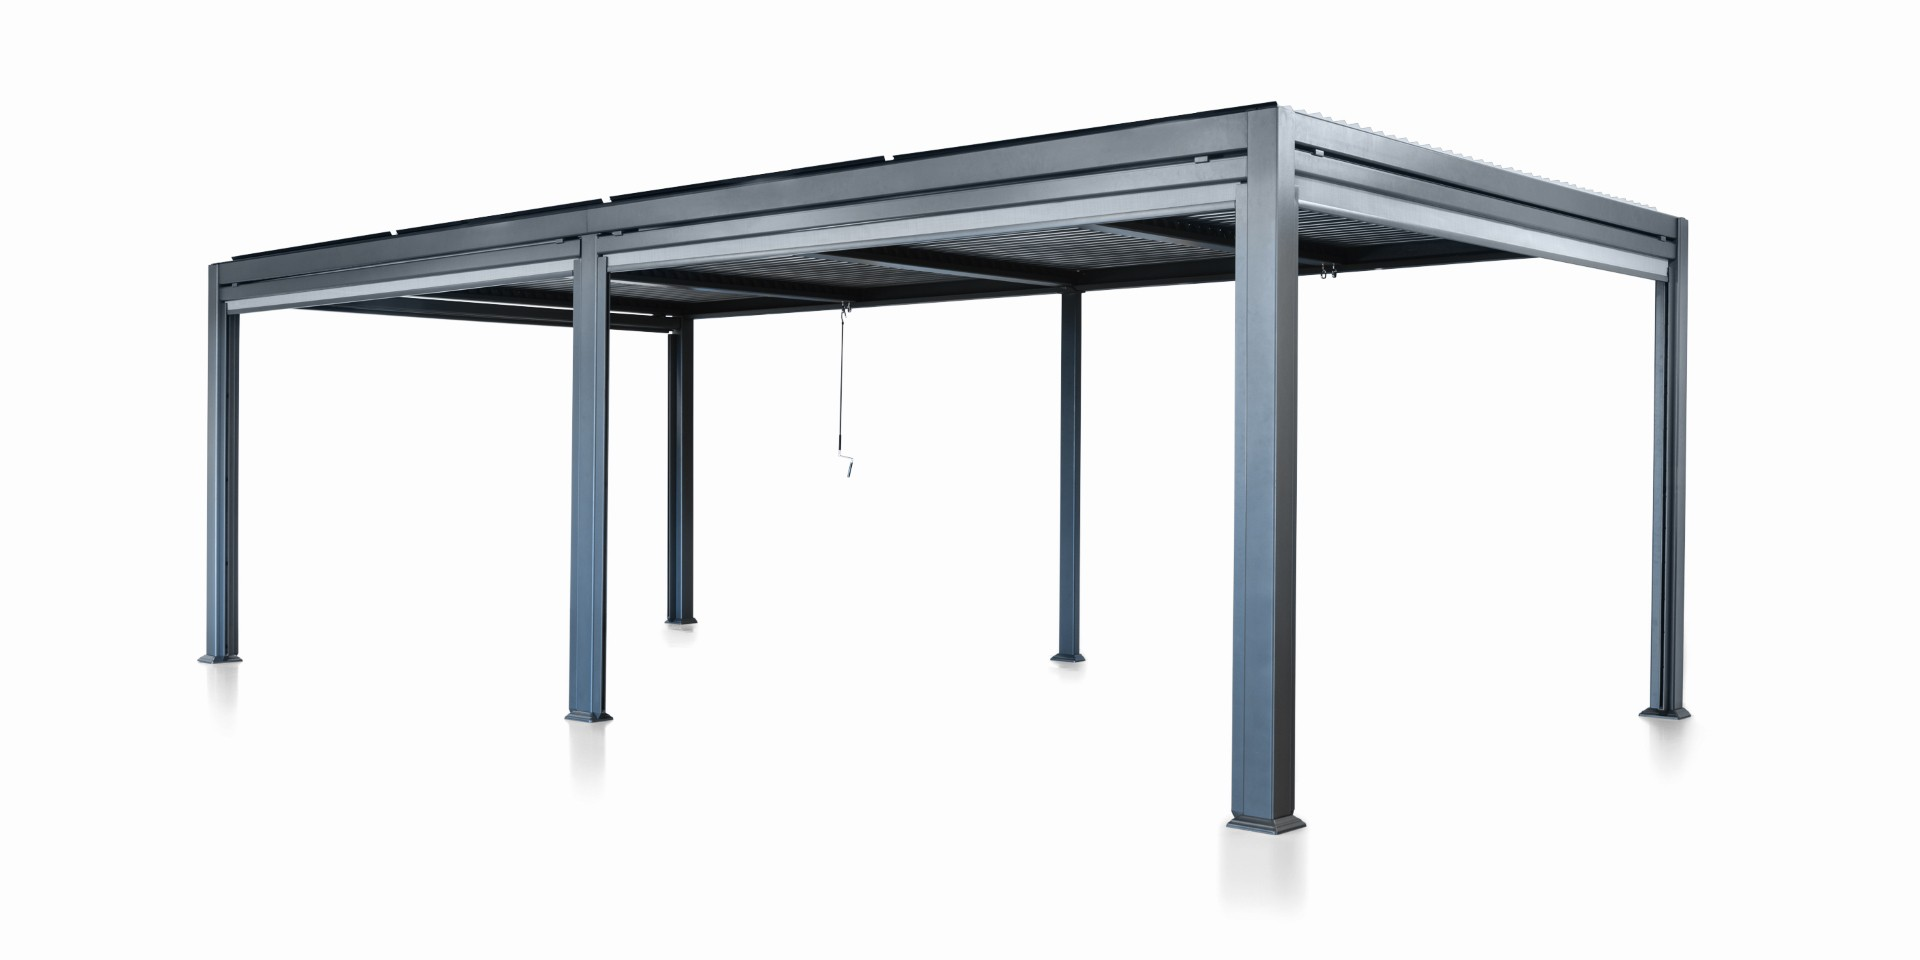 Patio Cover 3.5 bij 5.4 meter Antraciet Overkapping